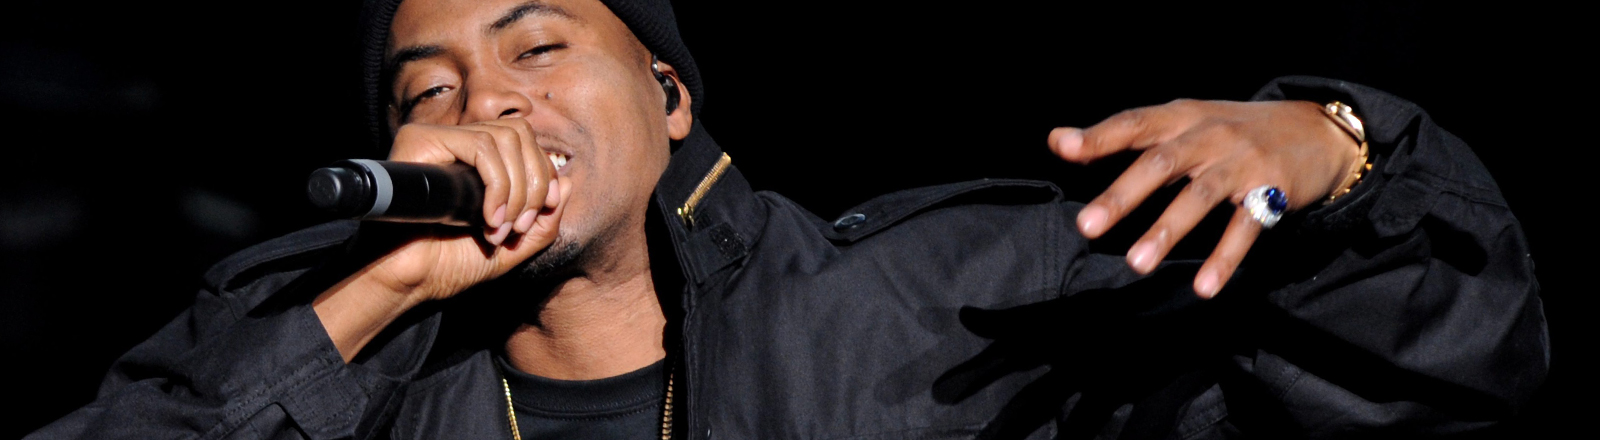 Der Rapper Nas steht am 16.04.2014 auf dem Tribeca-Film-Festival auf der Bühne.